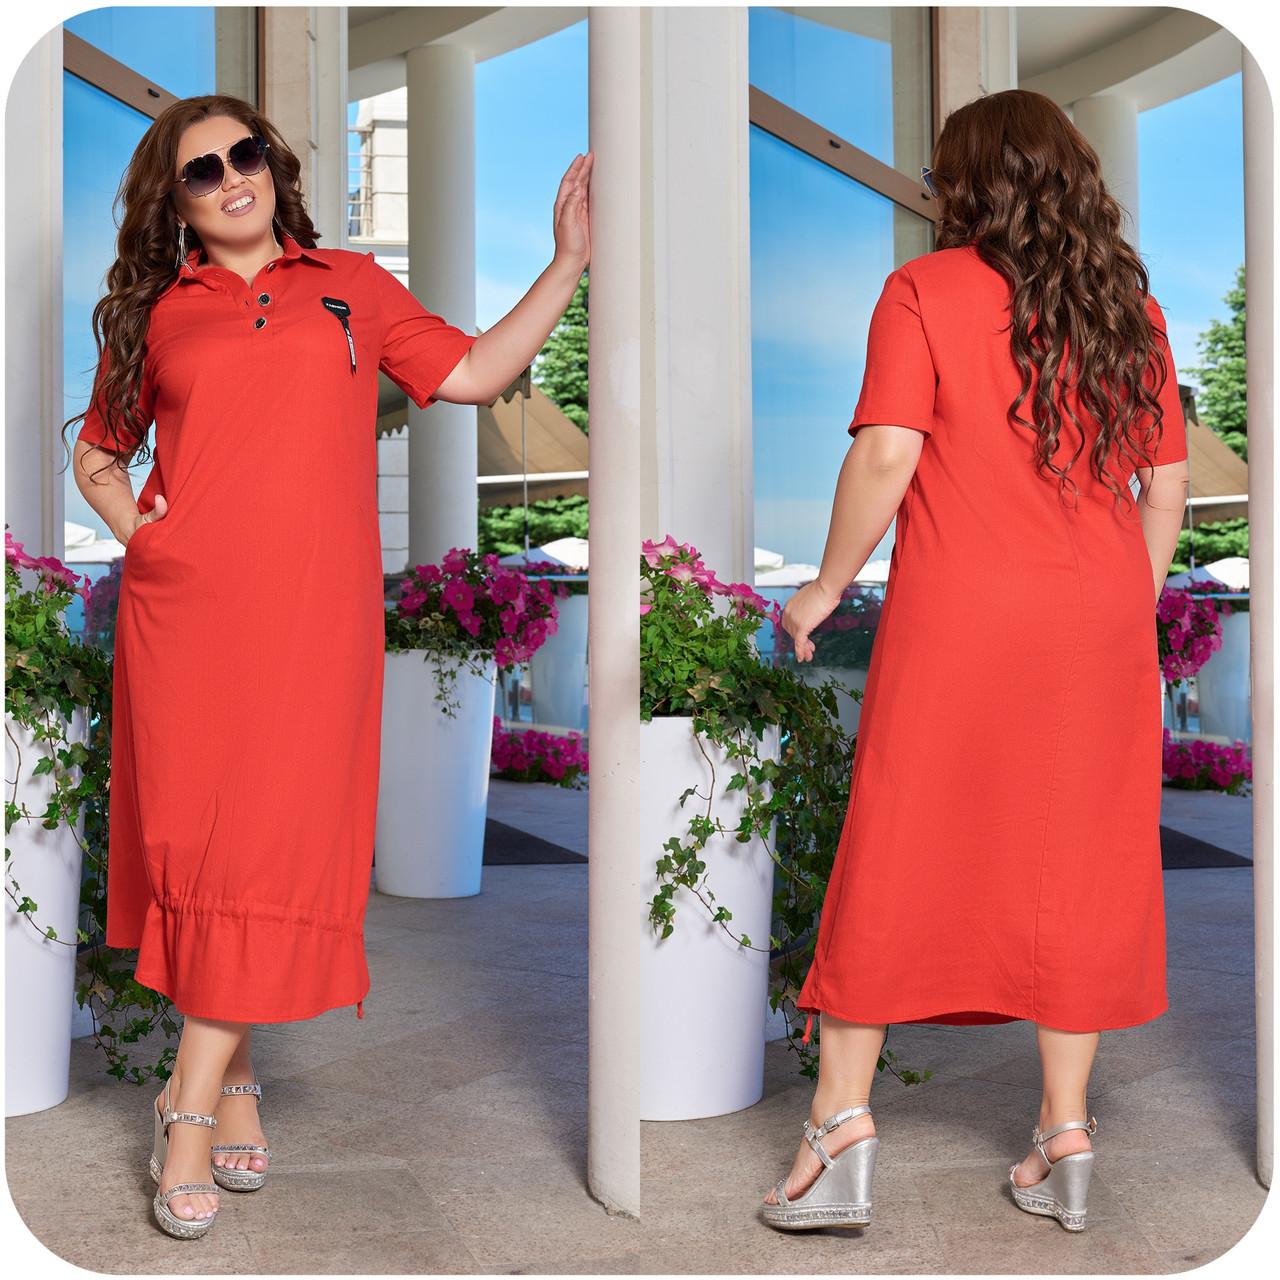 Летнее платье женское Лен Размер 48 50 52 54 56 58 60 62 64 В наличии 4 цвета